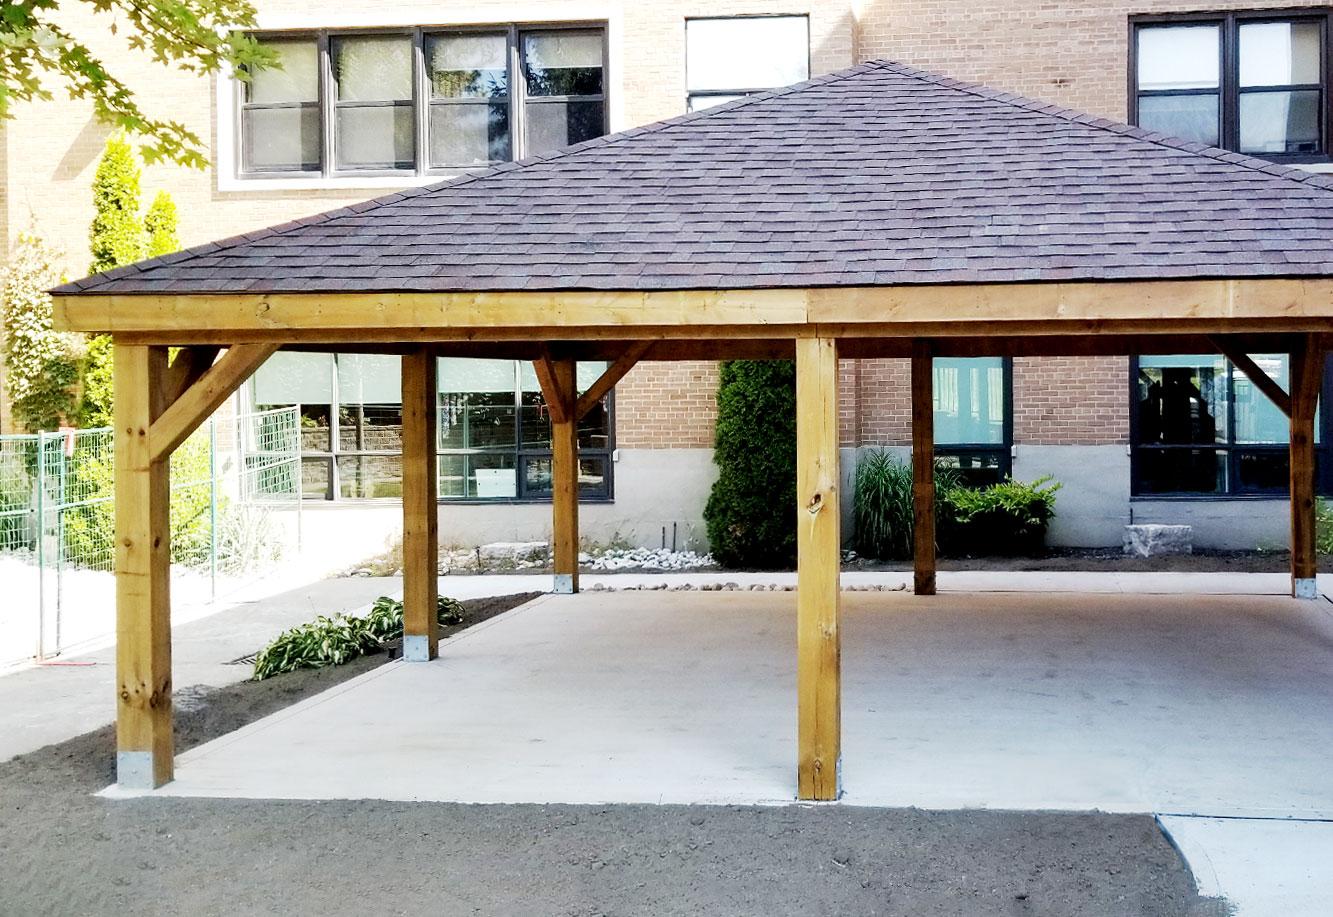 St. Joseph's LIfecare - Gazebo Project Picture